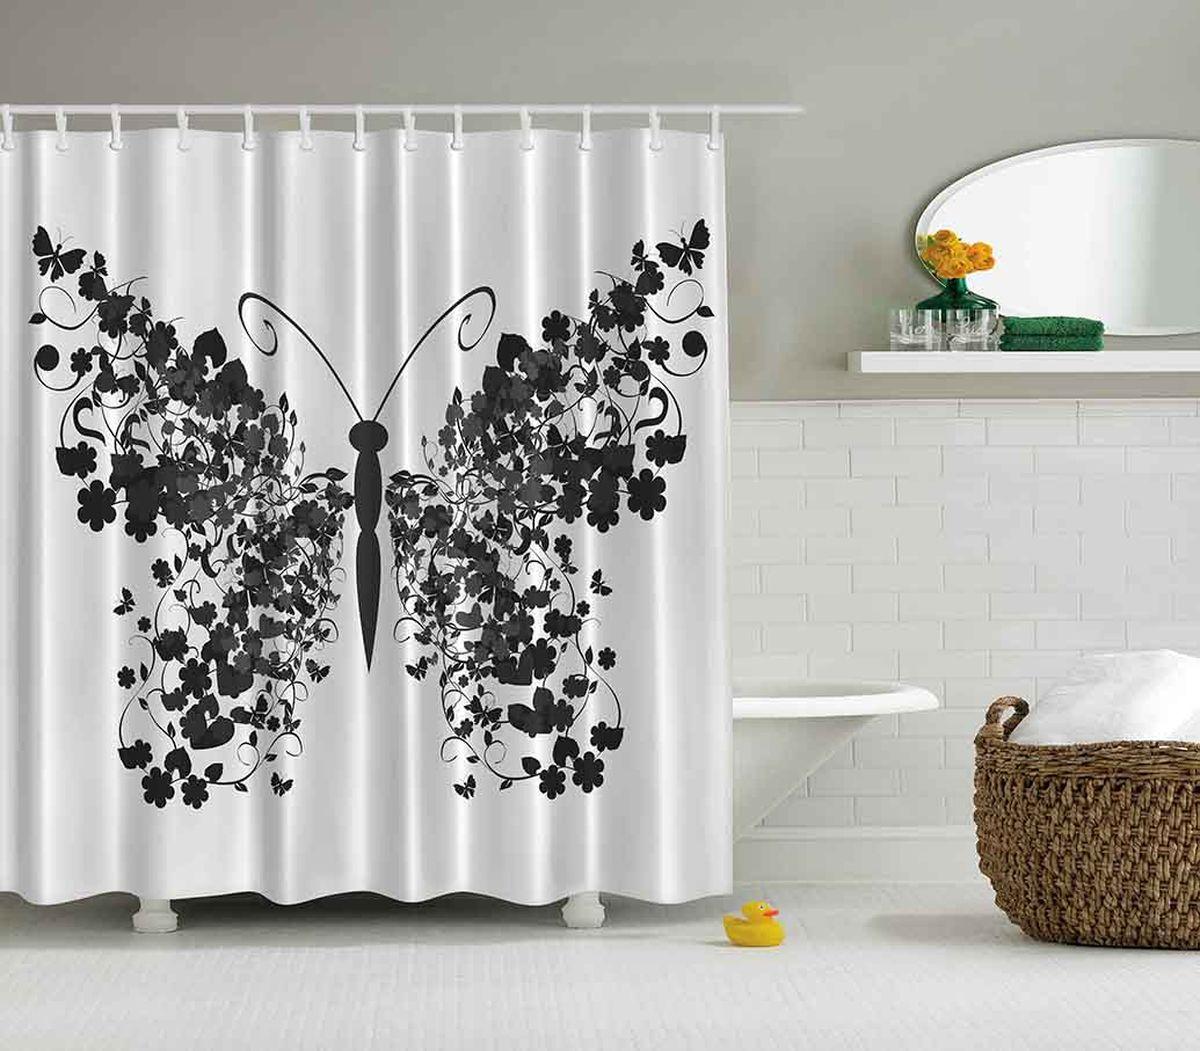 Штора для ванной комнаты Magic Lady Черная бабочка, 180 х 200 смшв_2901Штора Magic Lady Черная бабочка, изготовленная из высококачественного сатена (полиэстер 100%), отлично дополнит любой интерьер ванной комнаты. При изготовлении используются специальные гипоаллергенные чернила для прямой печати по ткани, безопасные для человека. В комплекте: 1 штора, 12 крючков. Обращаем ваше внимание, фактический цвет изделия может незначительно отличаться от представленного на фото.